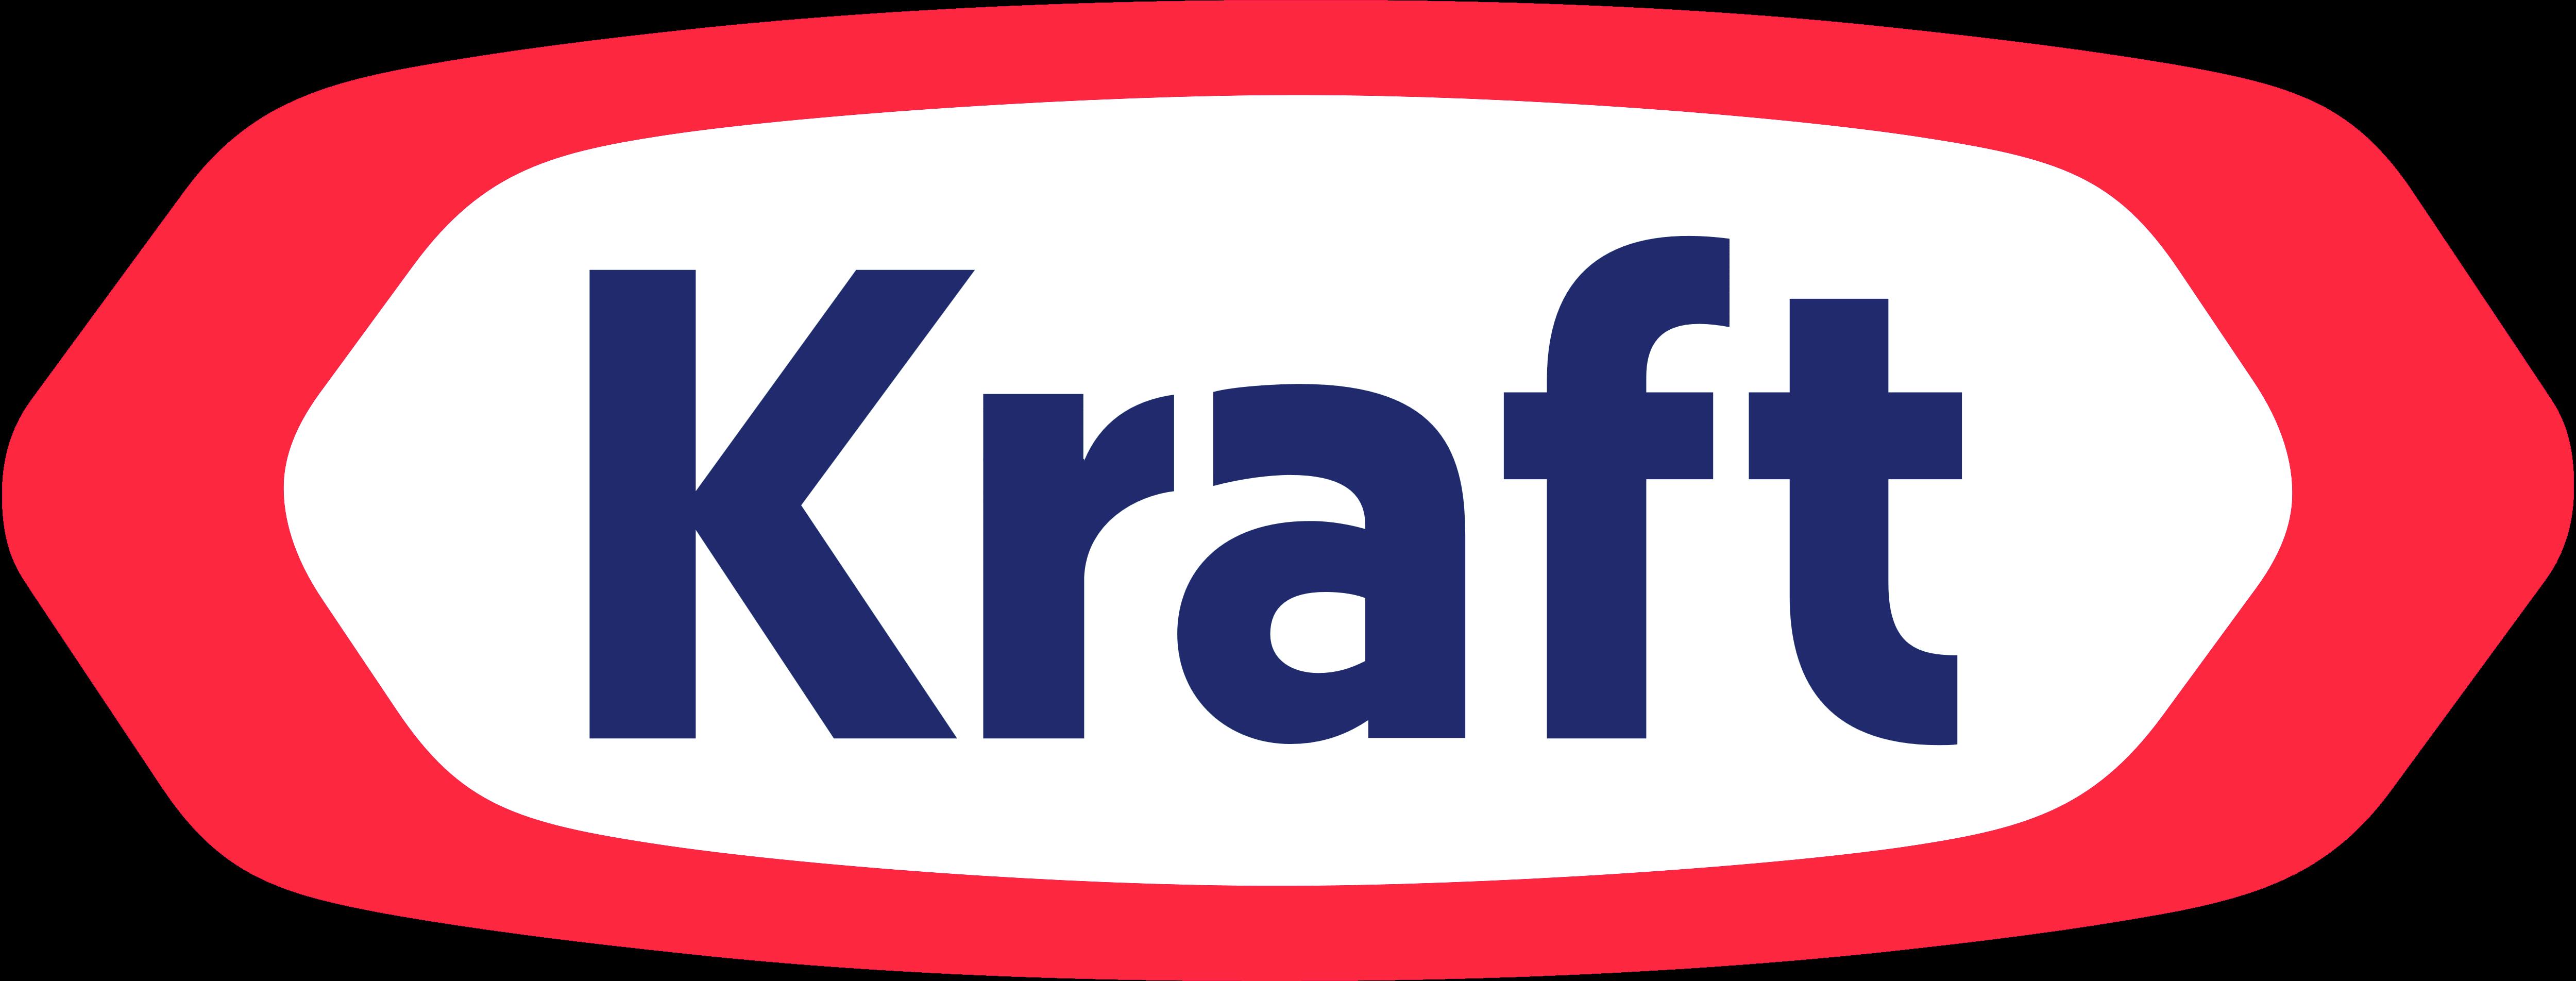 Kraft_Foods_logo_logotype